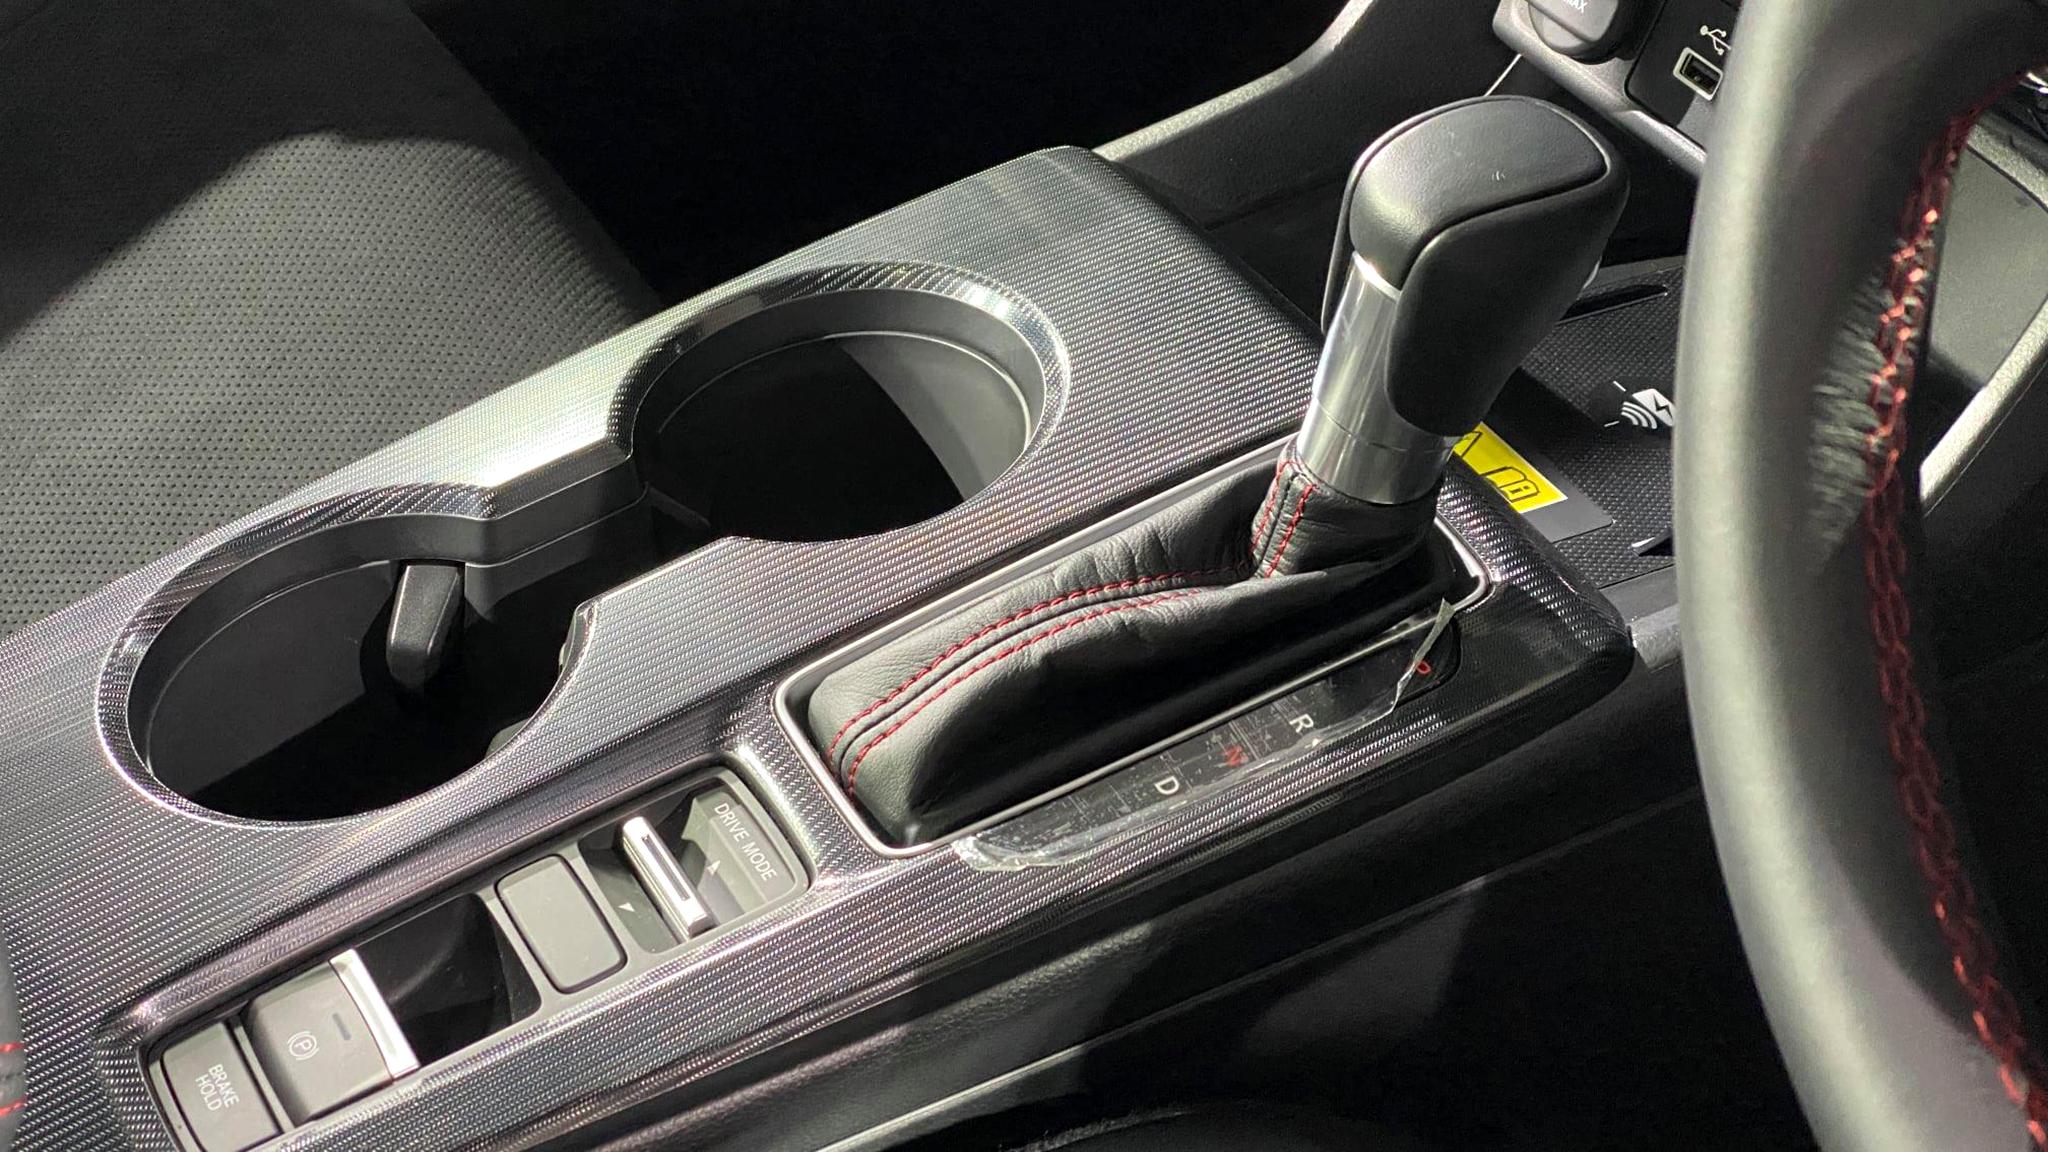 Honda Civic 2022 ra mắt tại Thái Lan giá từ 29.110 USD, chờ ngày về Việt Nam 225714368-4117865464998111-4285949472537575364-n.jpeg